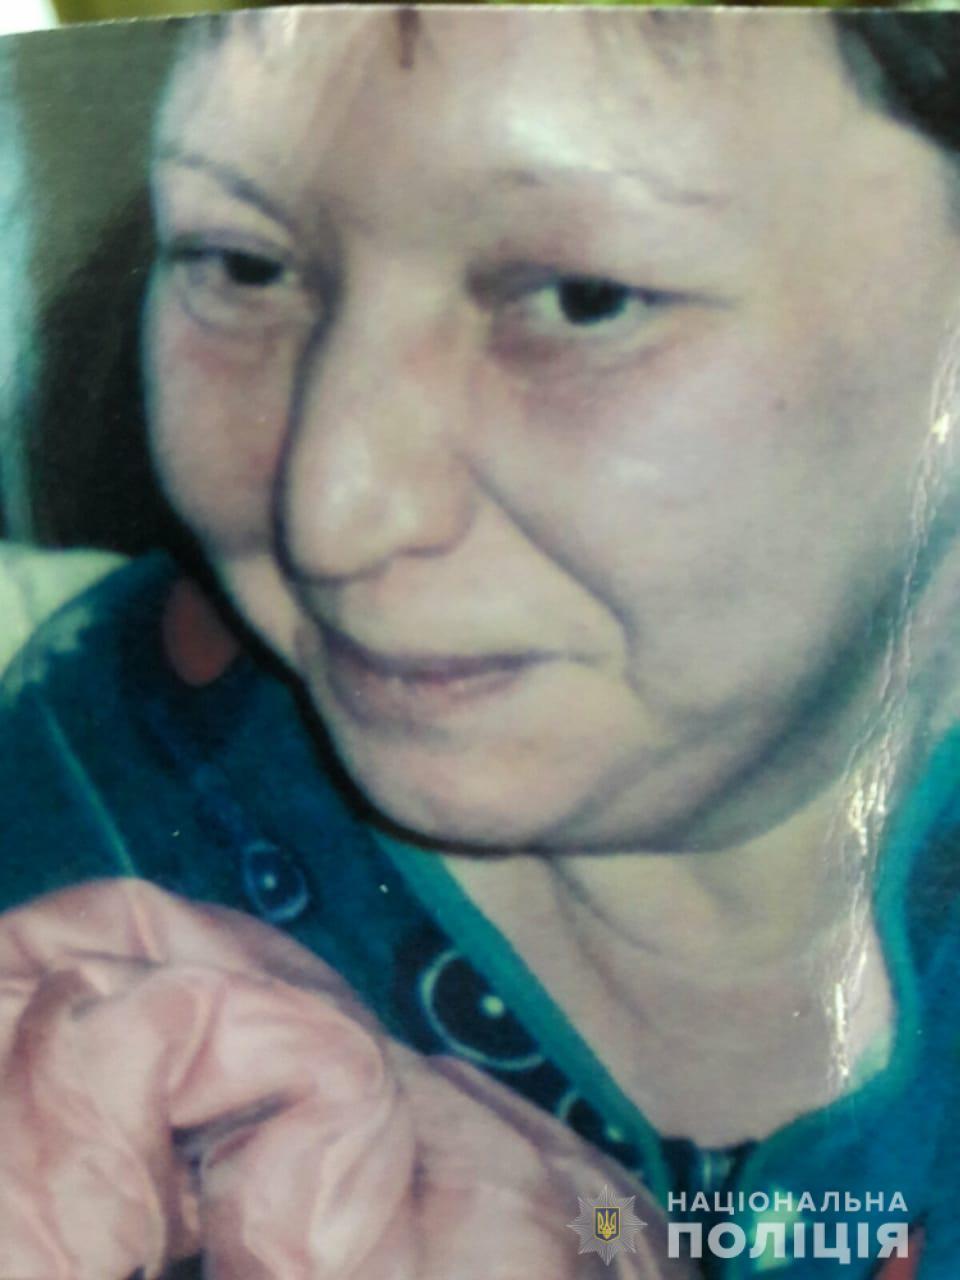 Ушла из дома и не вернулась: розыск пропавшей женщины. Новости Днепра